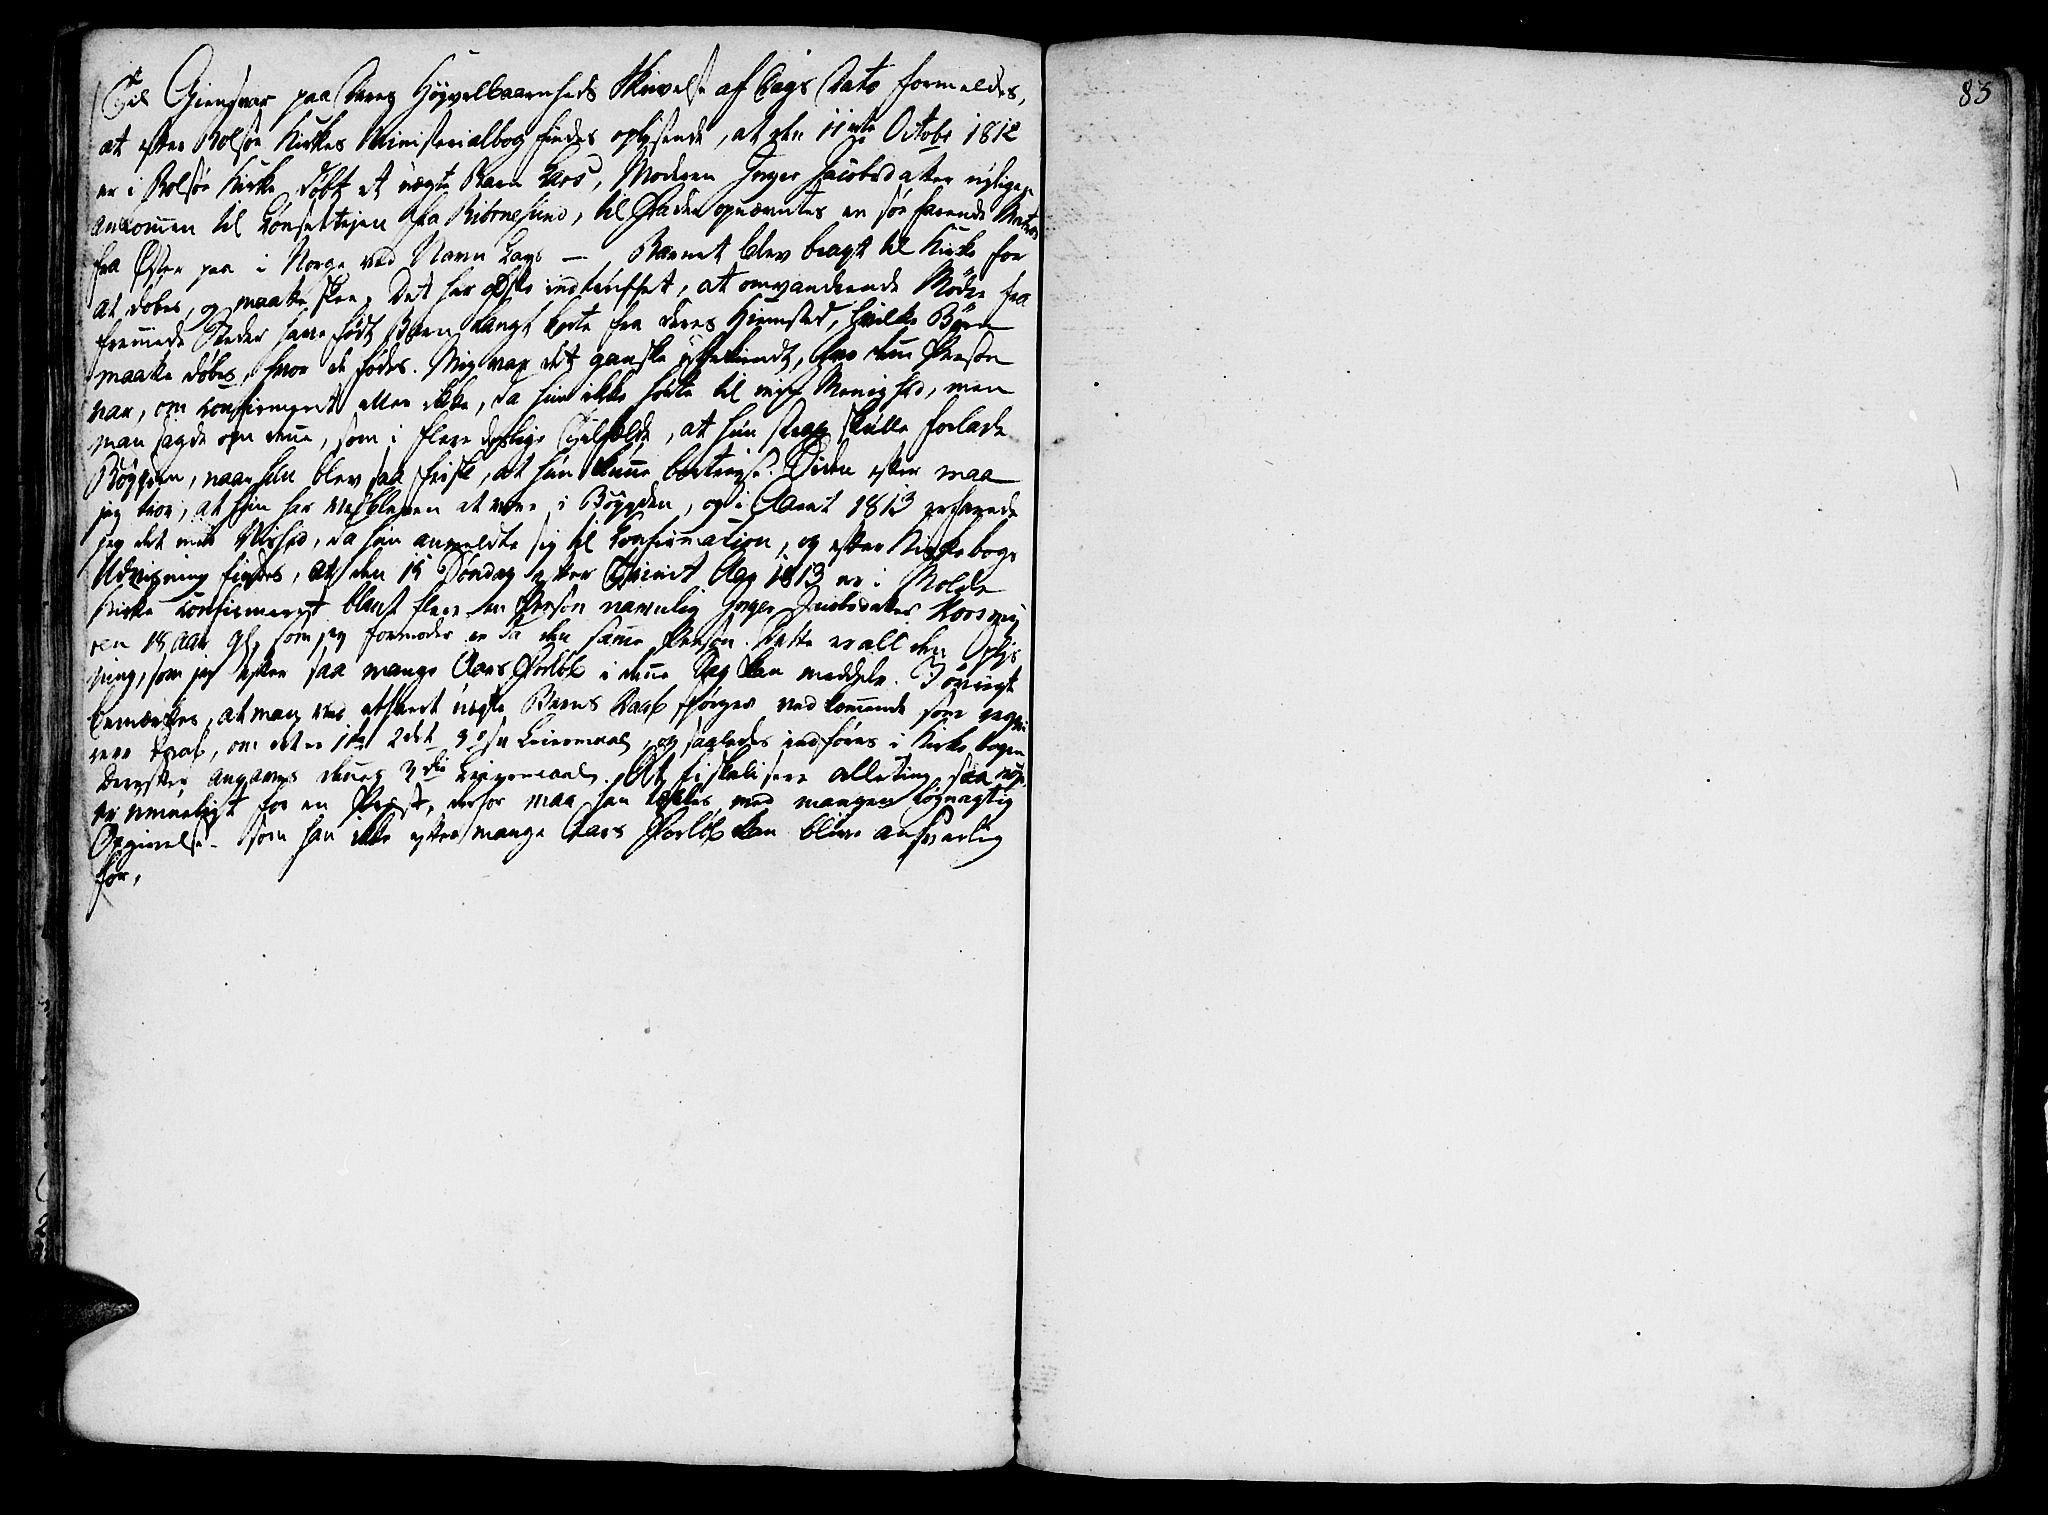 SAT, Ministerialprotokoller, klokkerbøker og fødselsregistre - Møre og Romsdal, 555/L0649: Parish register (official) no. 555A02 /1, 1795-1821, p. 83